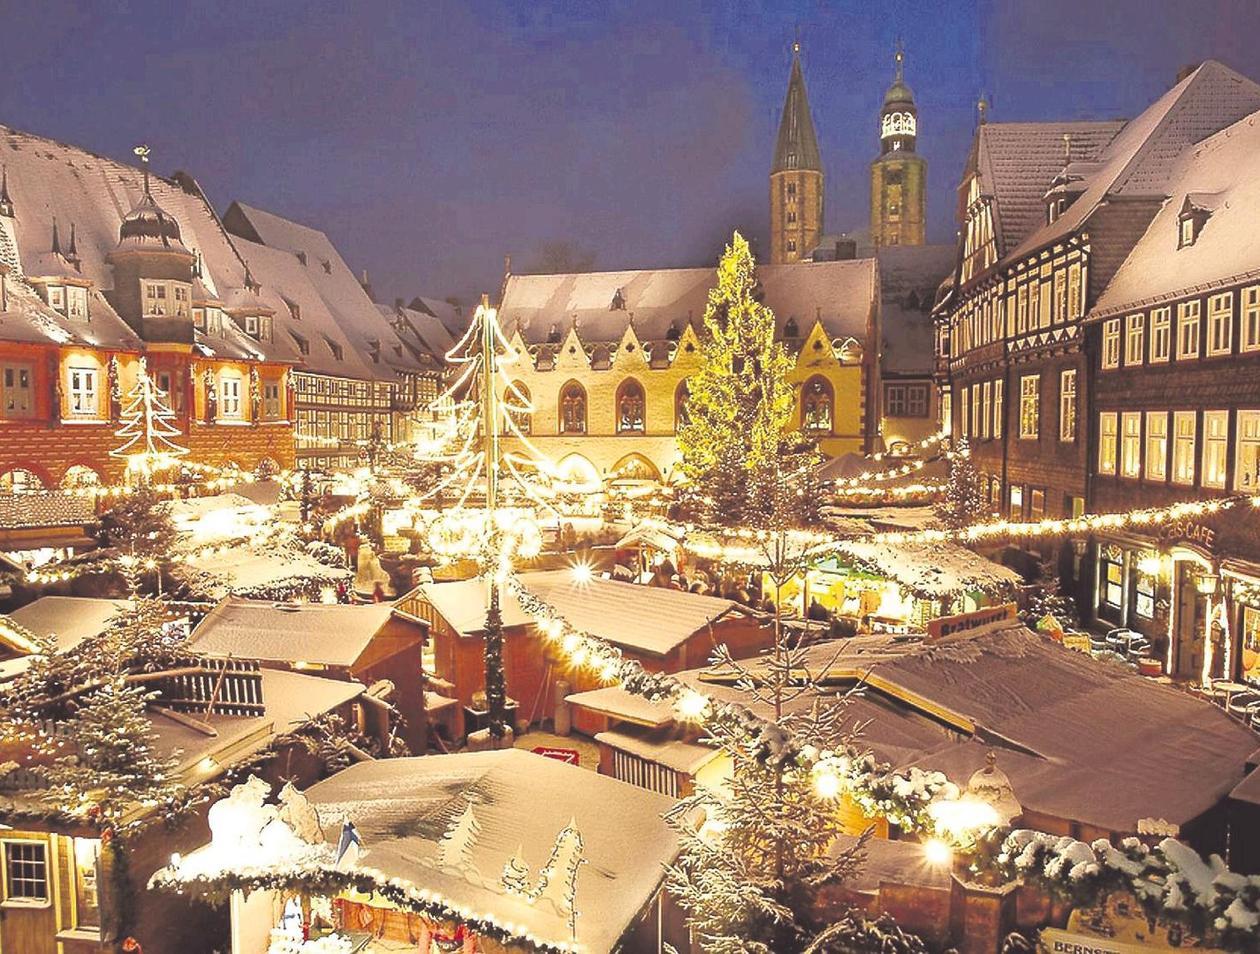 Bester Weihnachtsmarkt Deutschland.Goslar Hat Den Schönsten Weihnachtsmarkt In Deutschland Goslar